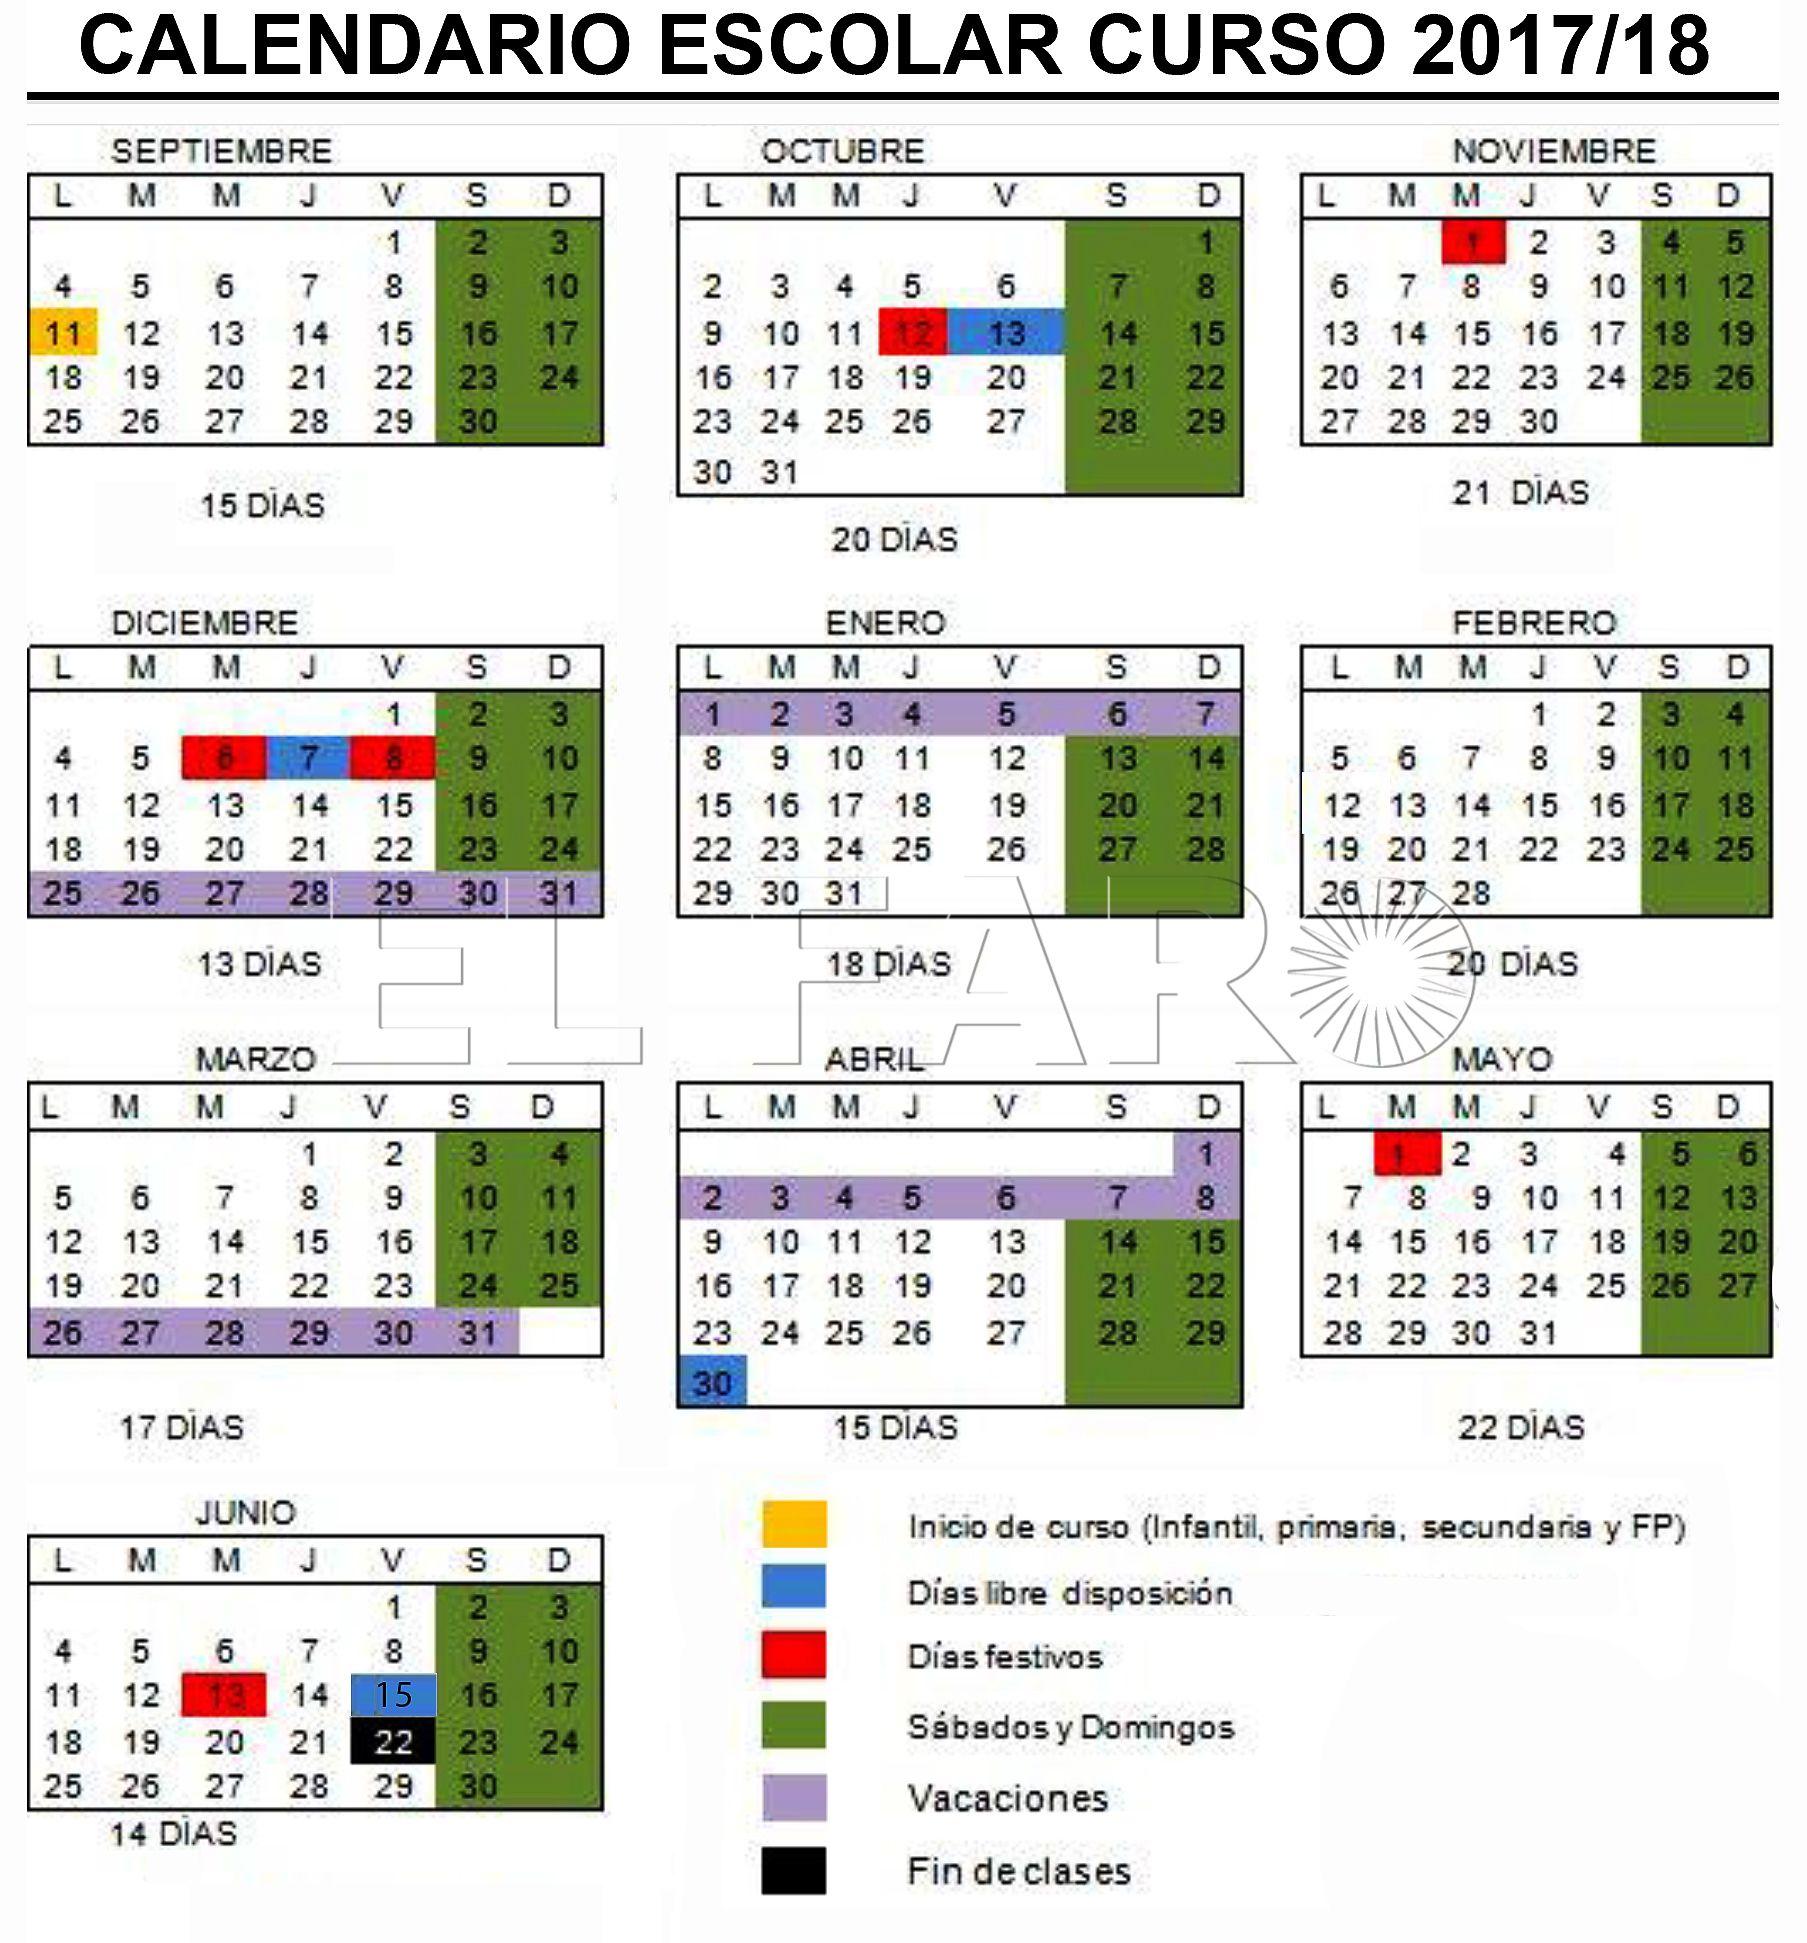 Calendario Escolar 18 19 Cantabria.El Mecd Aprueba El Calendario Escolar Con Eid Al Fitr No